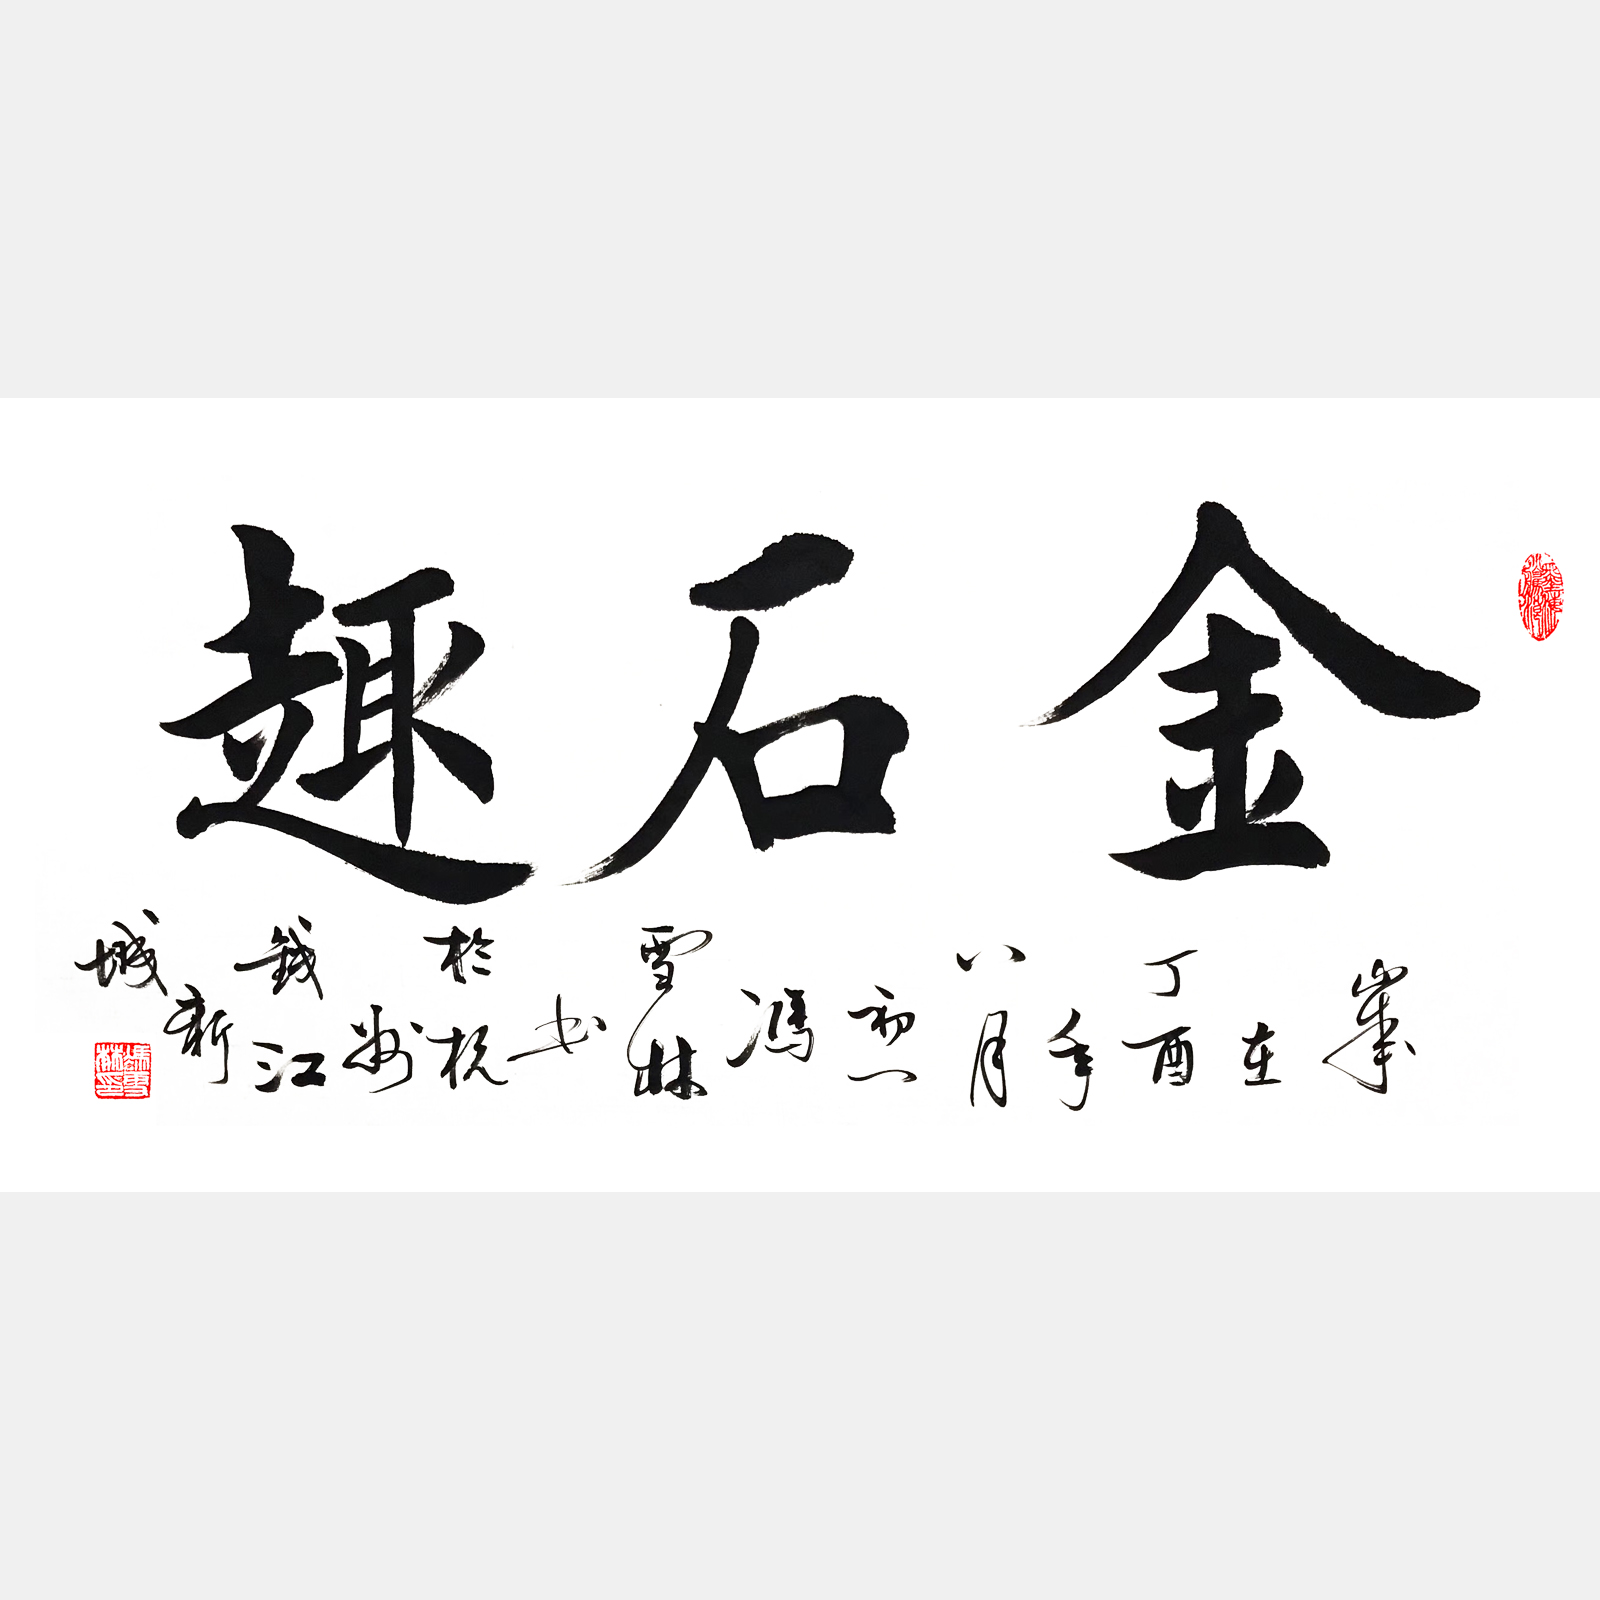 金石趣 楷书书法作品 四尺横幅